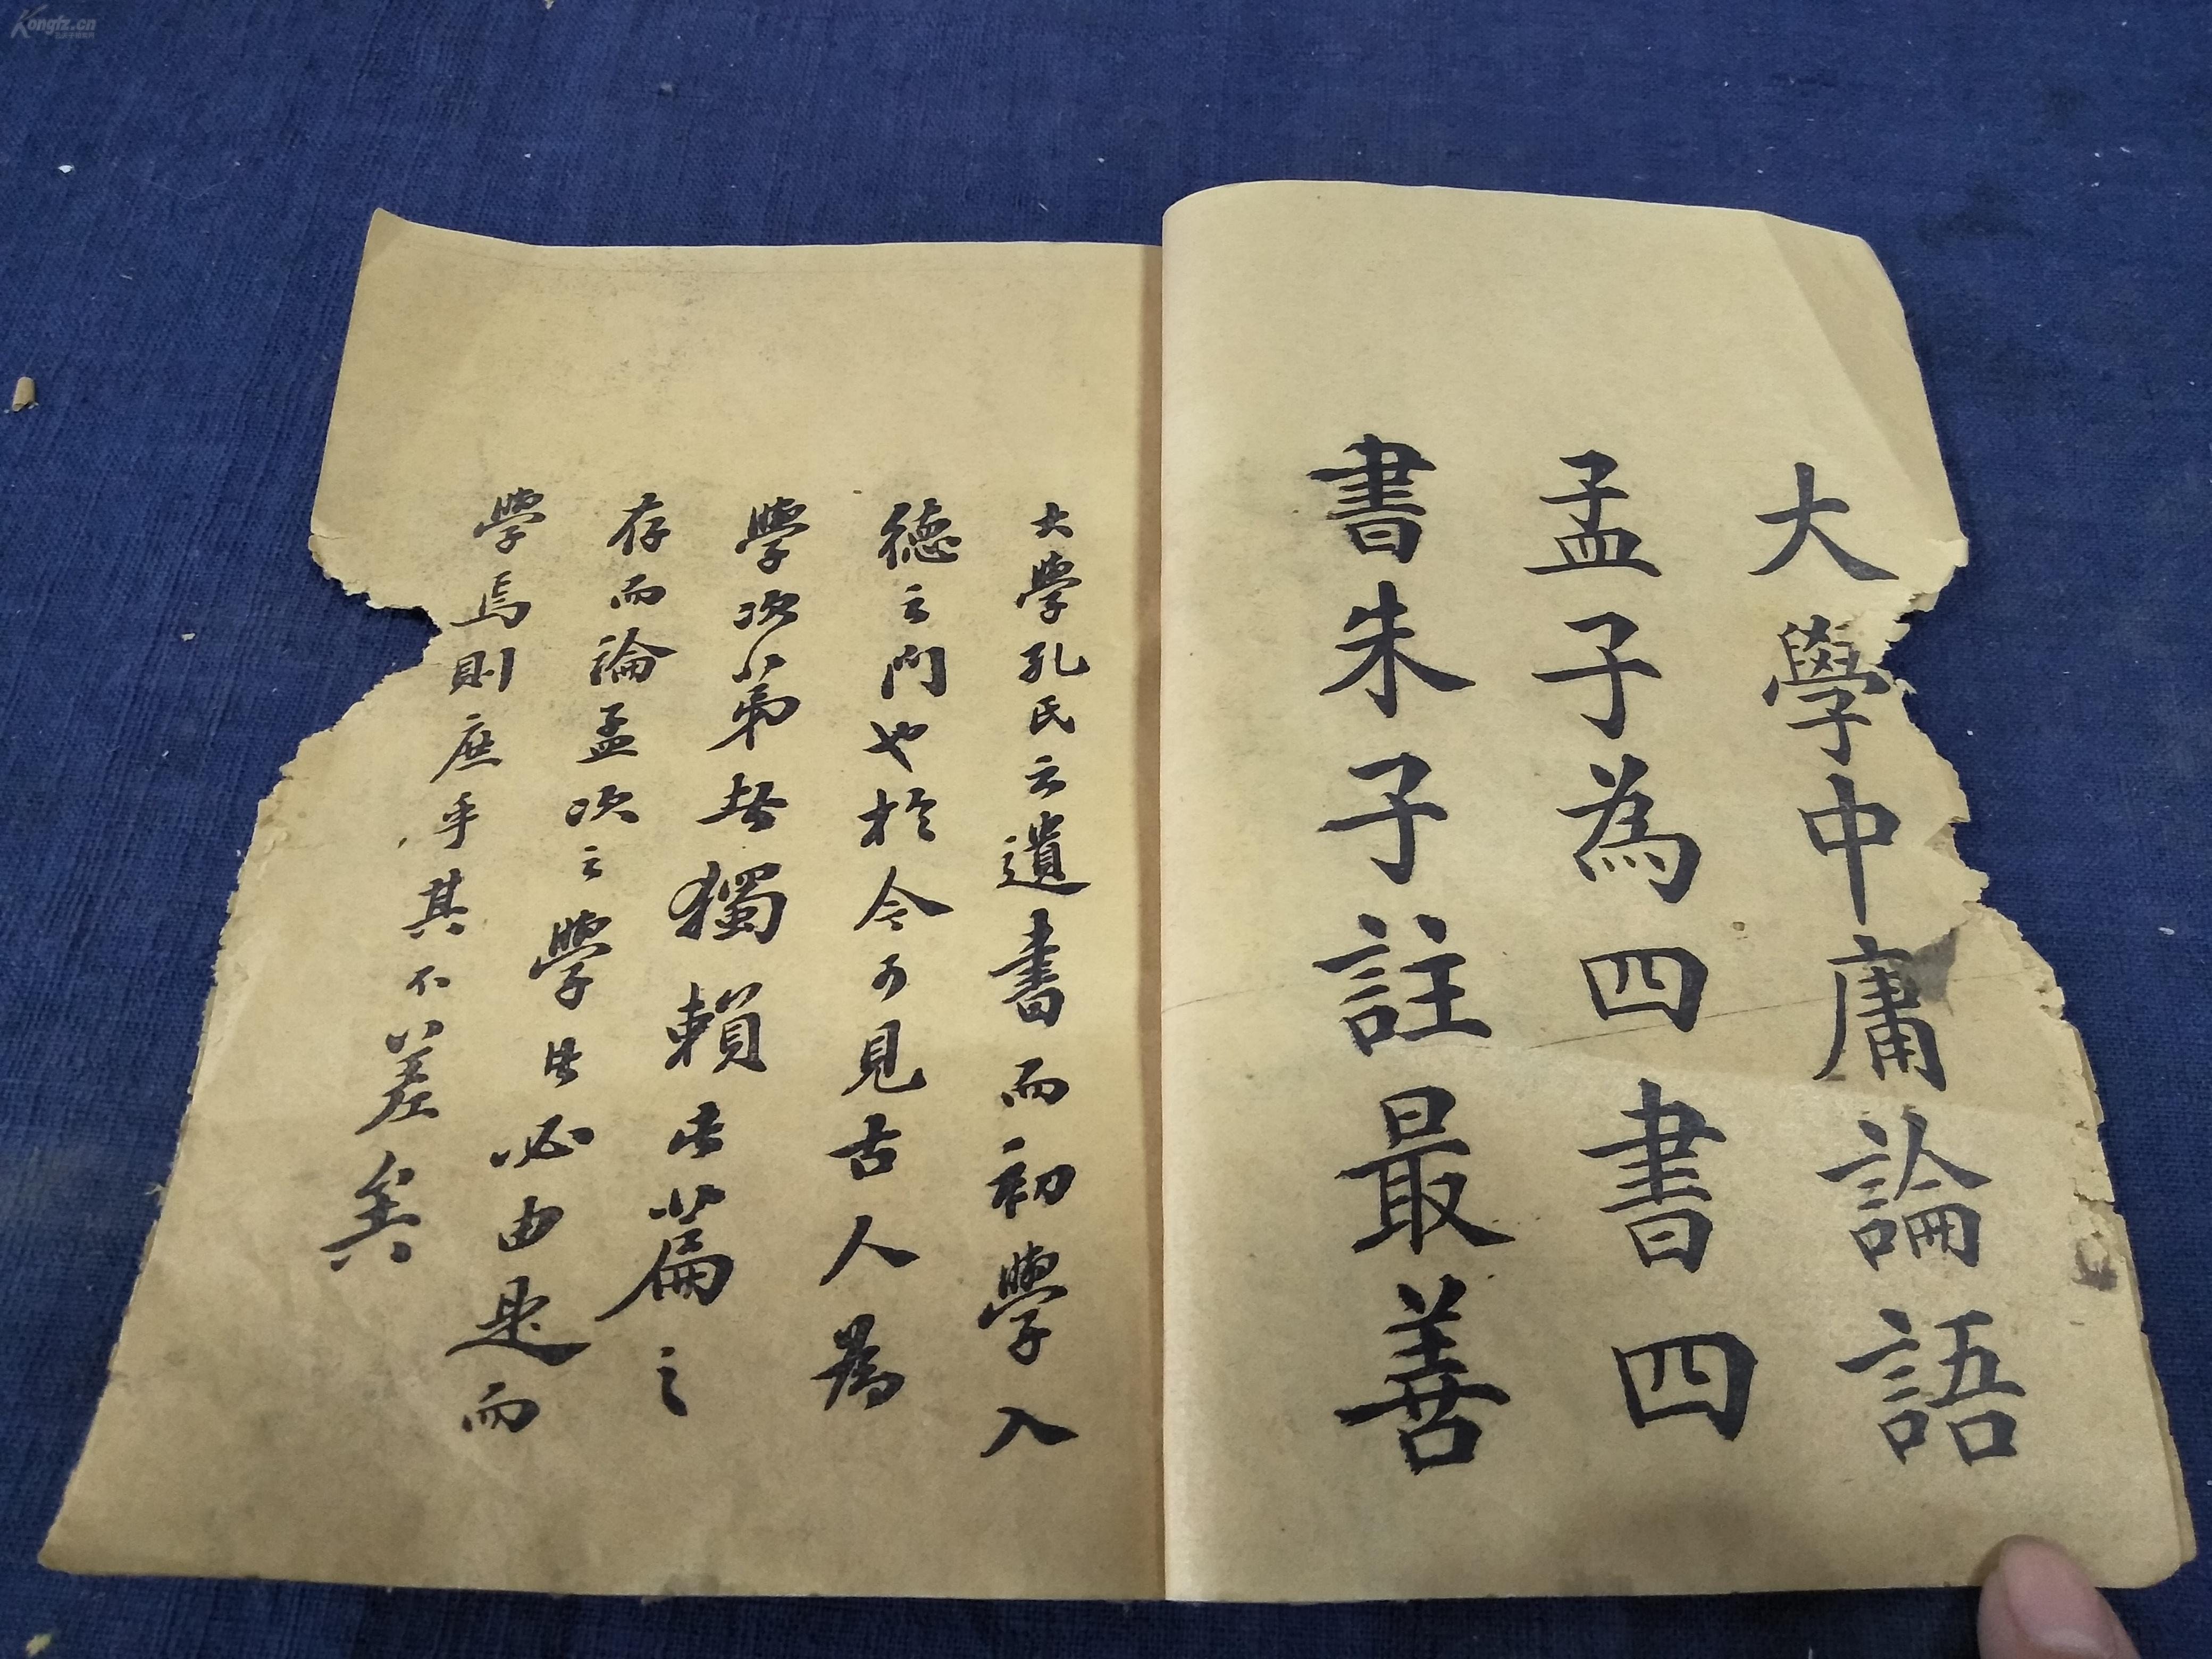 清光绪34年小学学部局《初等小学习字帖》上海达标v小学图书图片